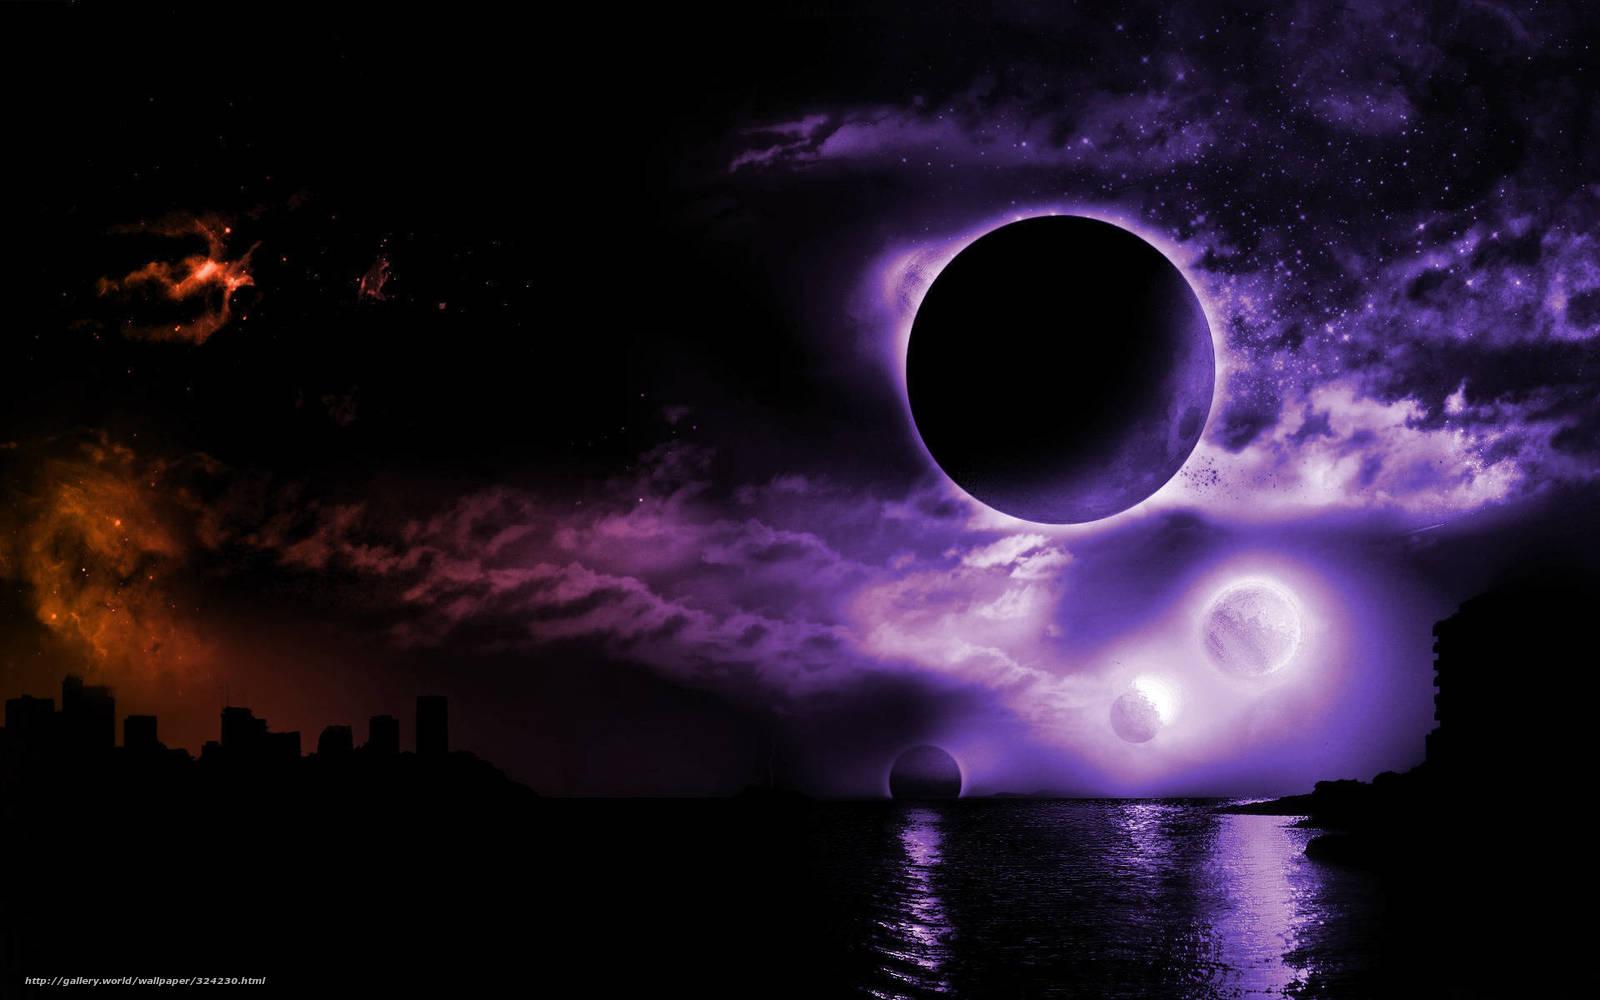 Скачать на телефон обои фото картинку на тему планеты,  море,  город,  тьма, разширение 1920x1200